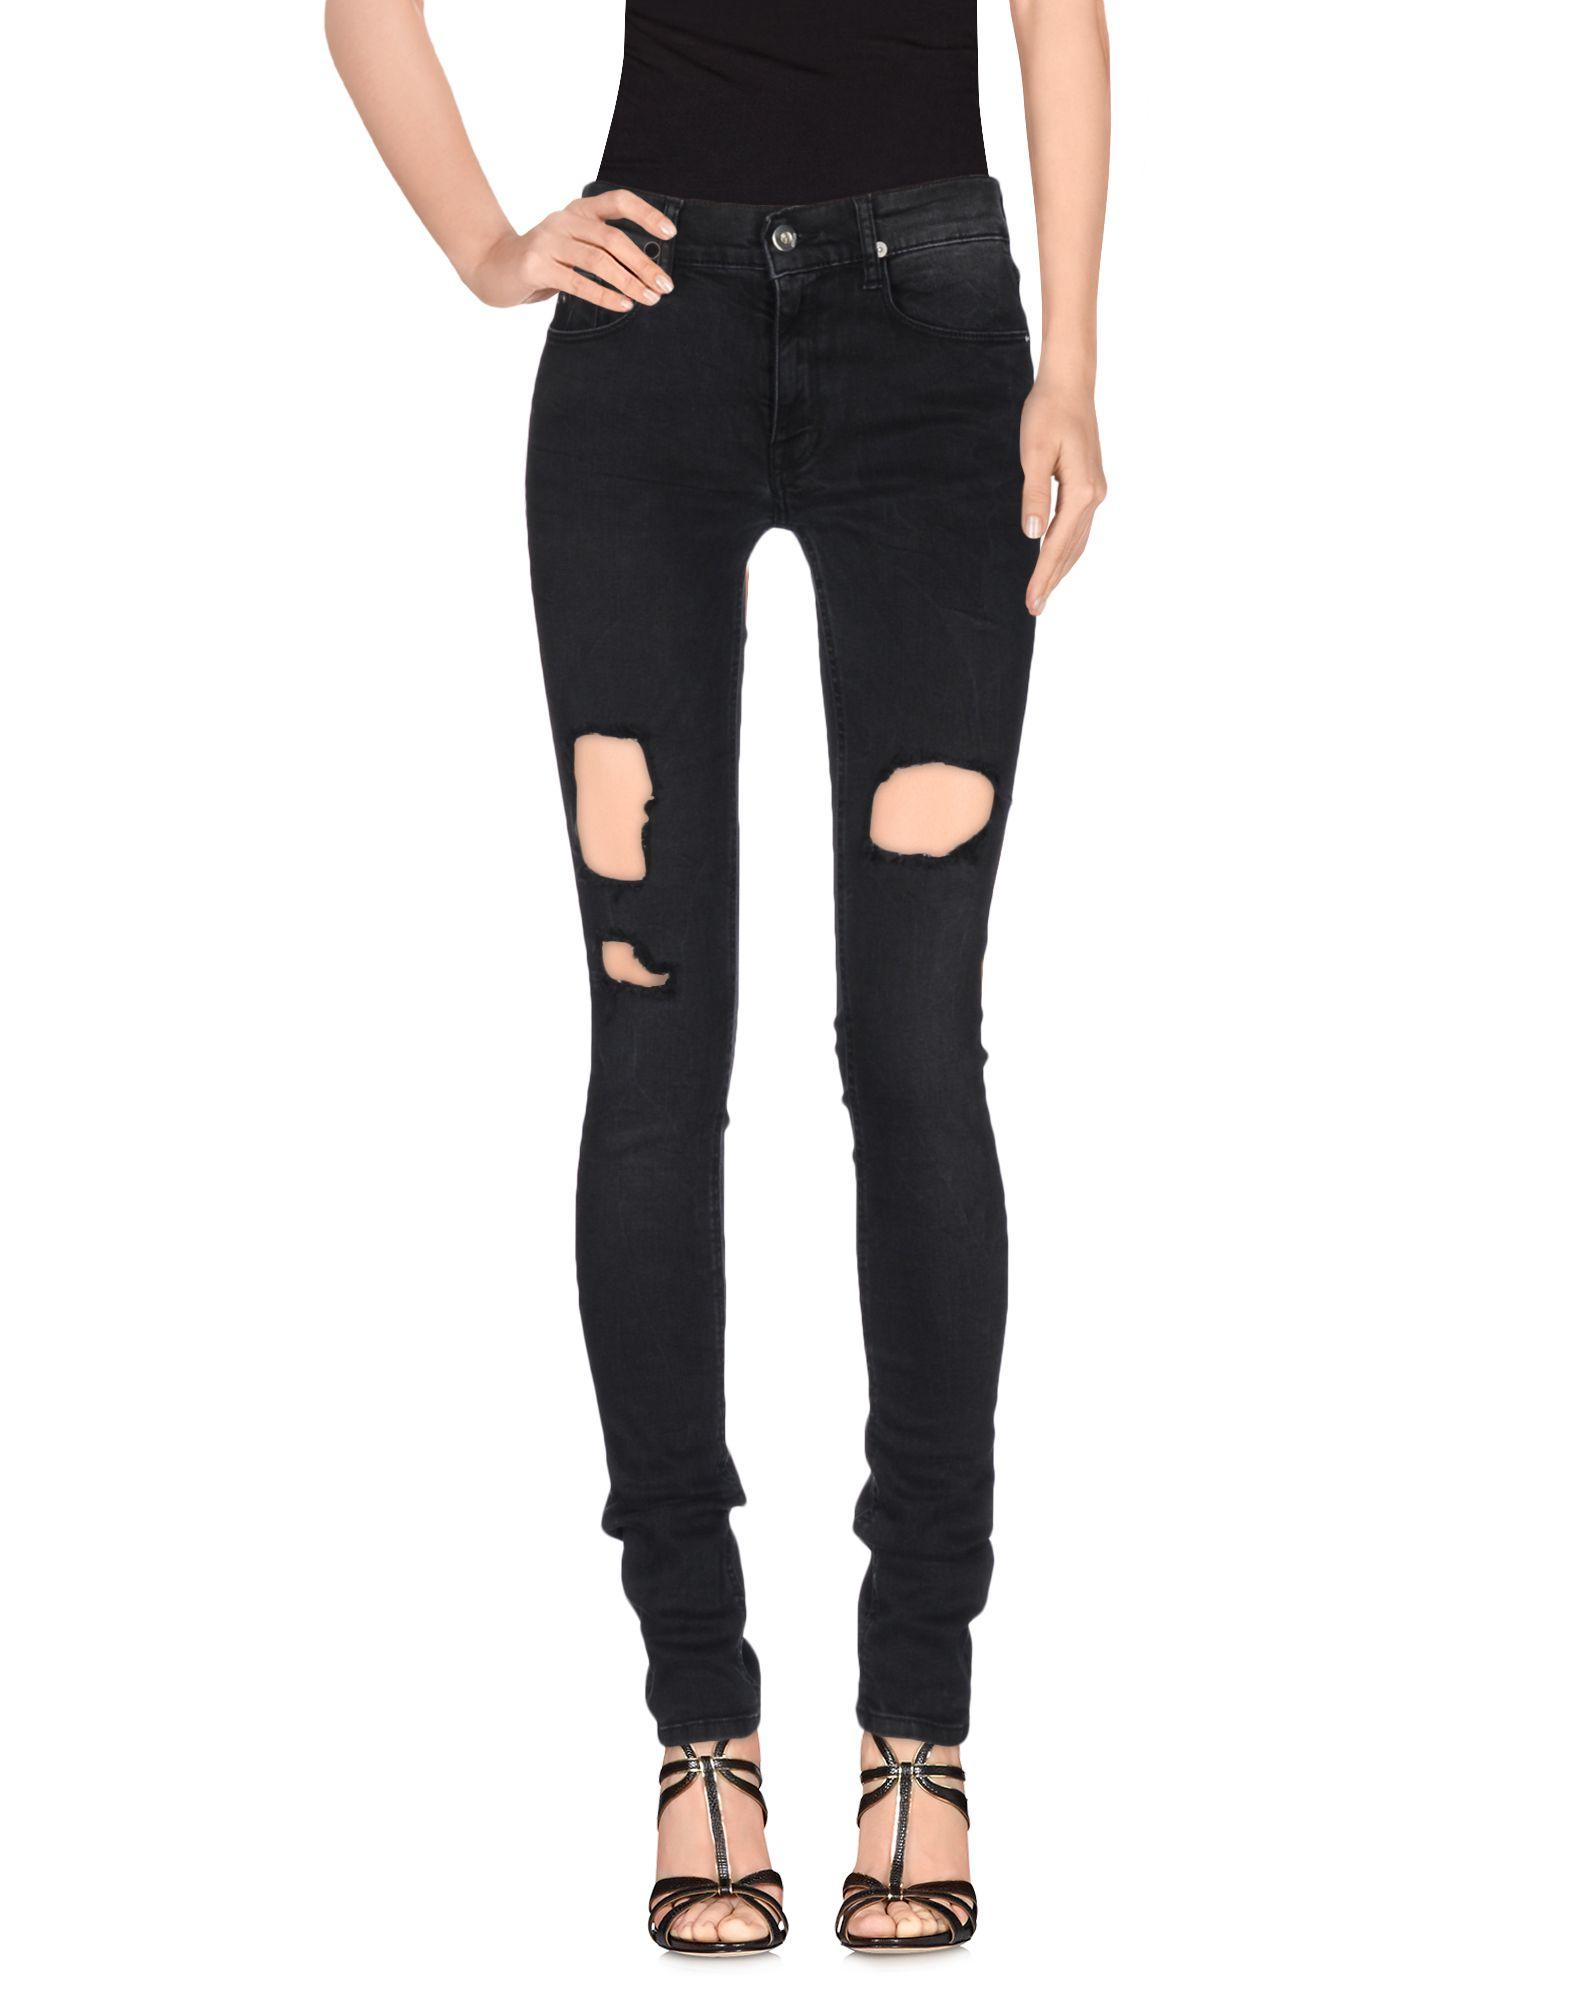 APRIL77 Denim Pants in Black